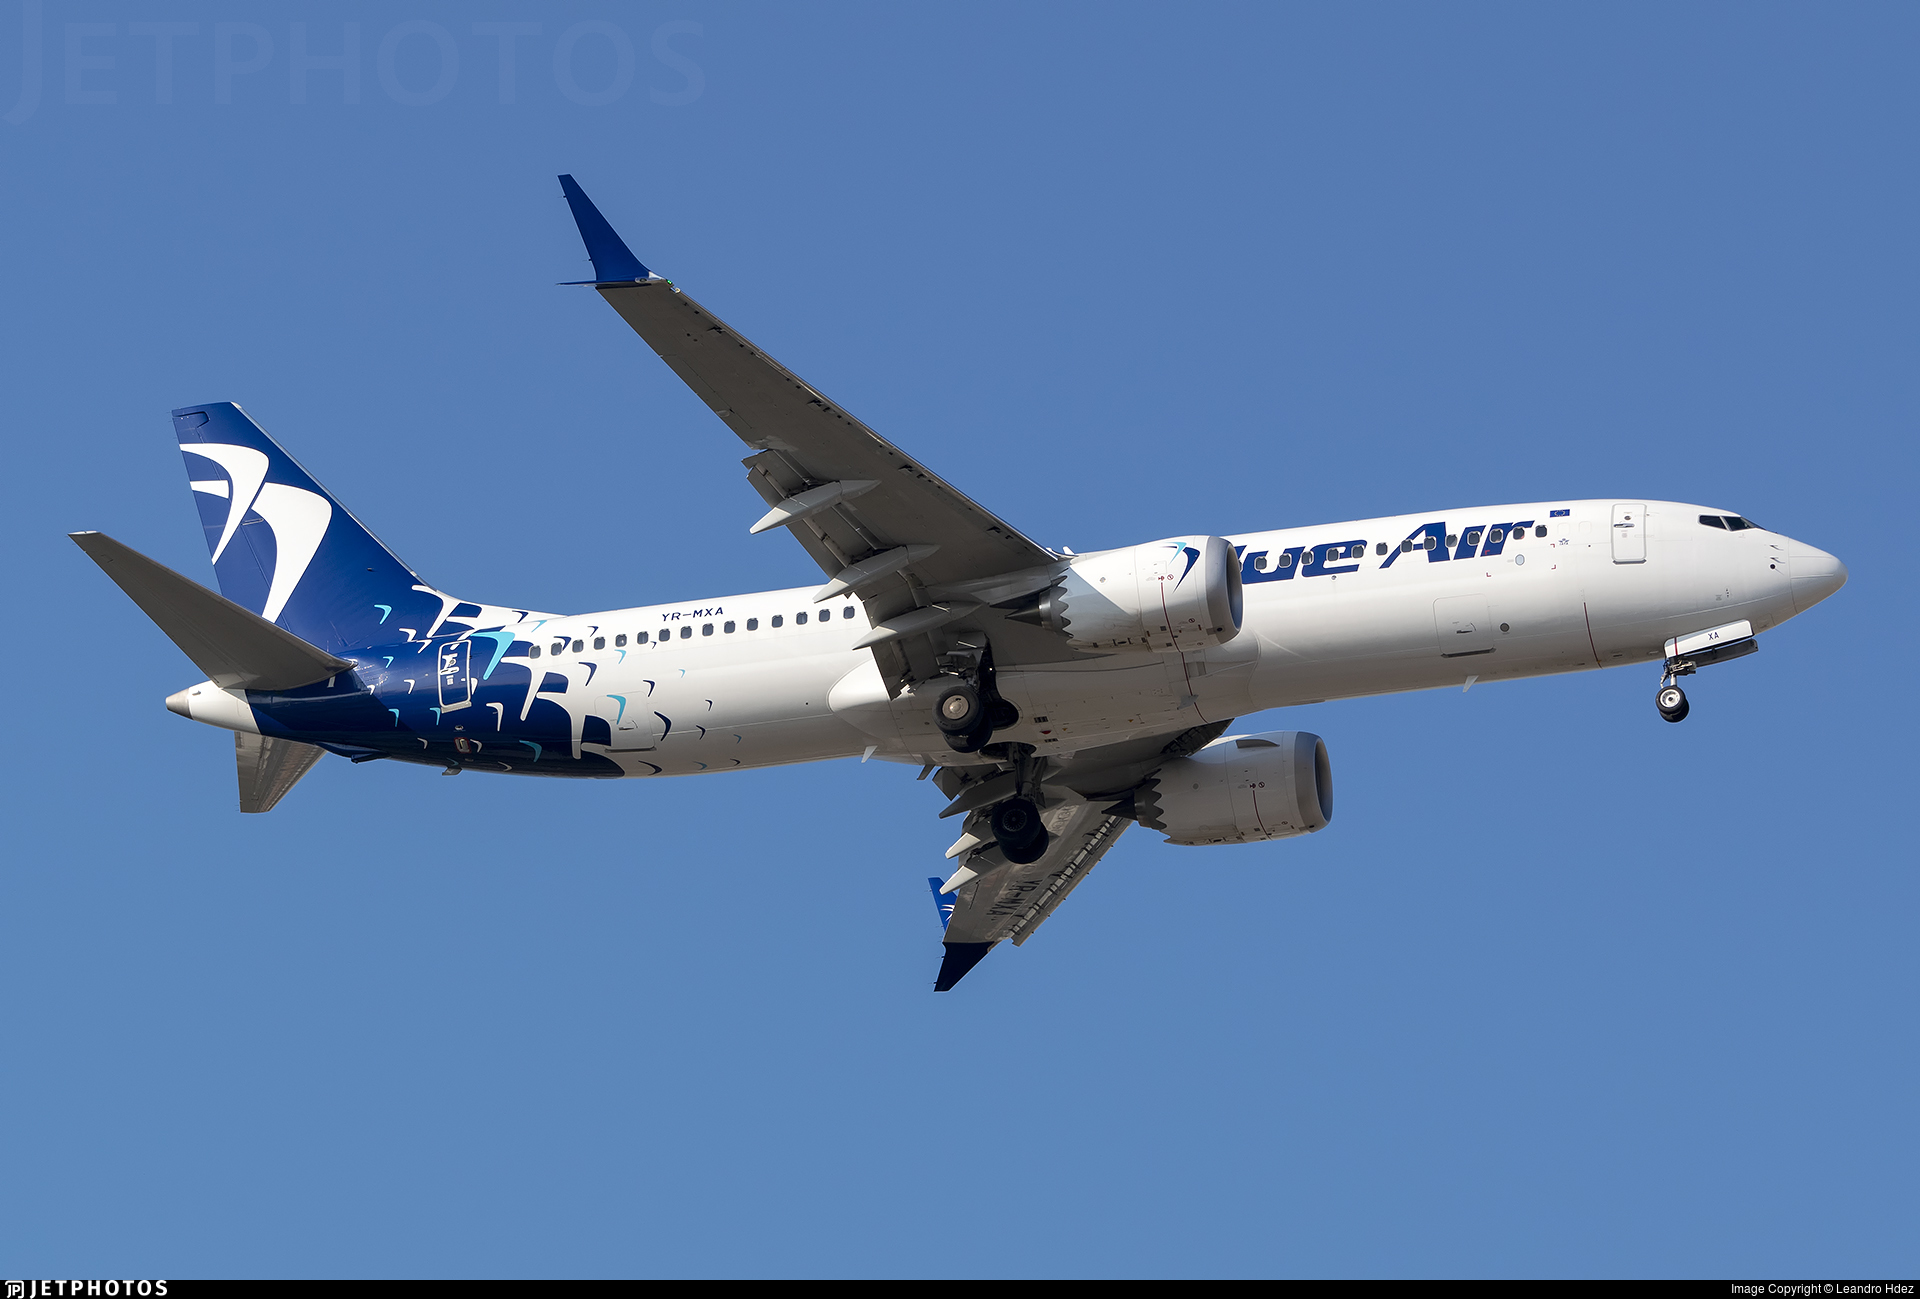 YR-MXA - Boeing 737-8 MAX - Blue Air